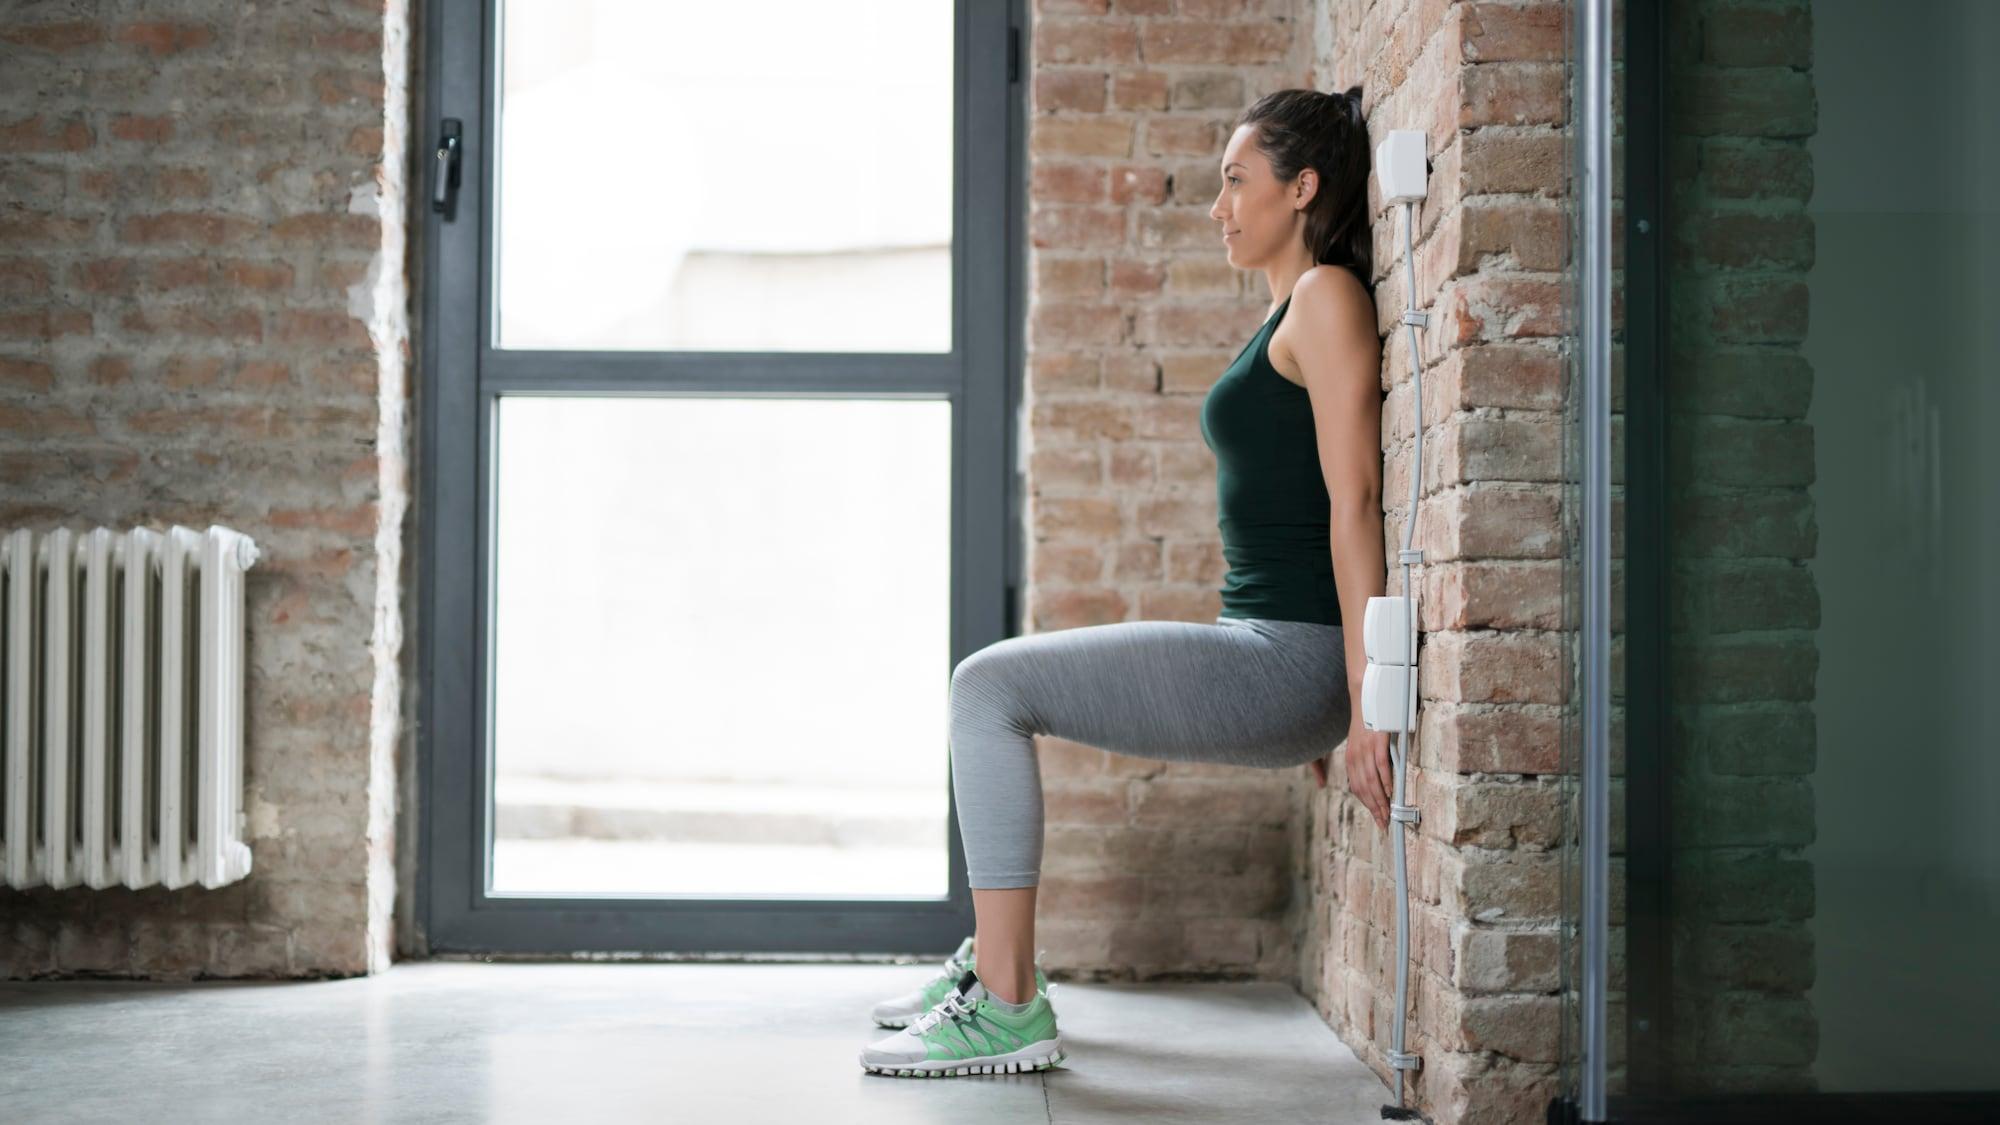 Übungen für den ganzen Körper: So machen Sie sich in letzter Minute fit für den Strandurlaub